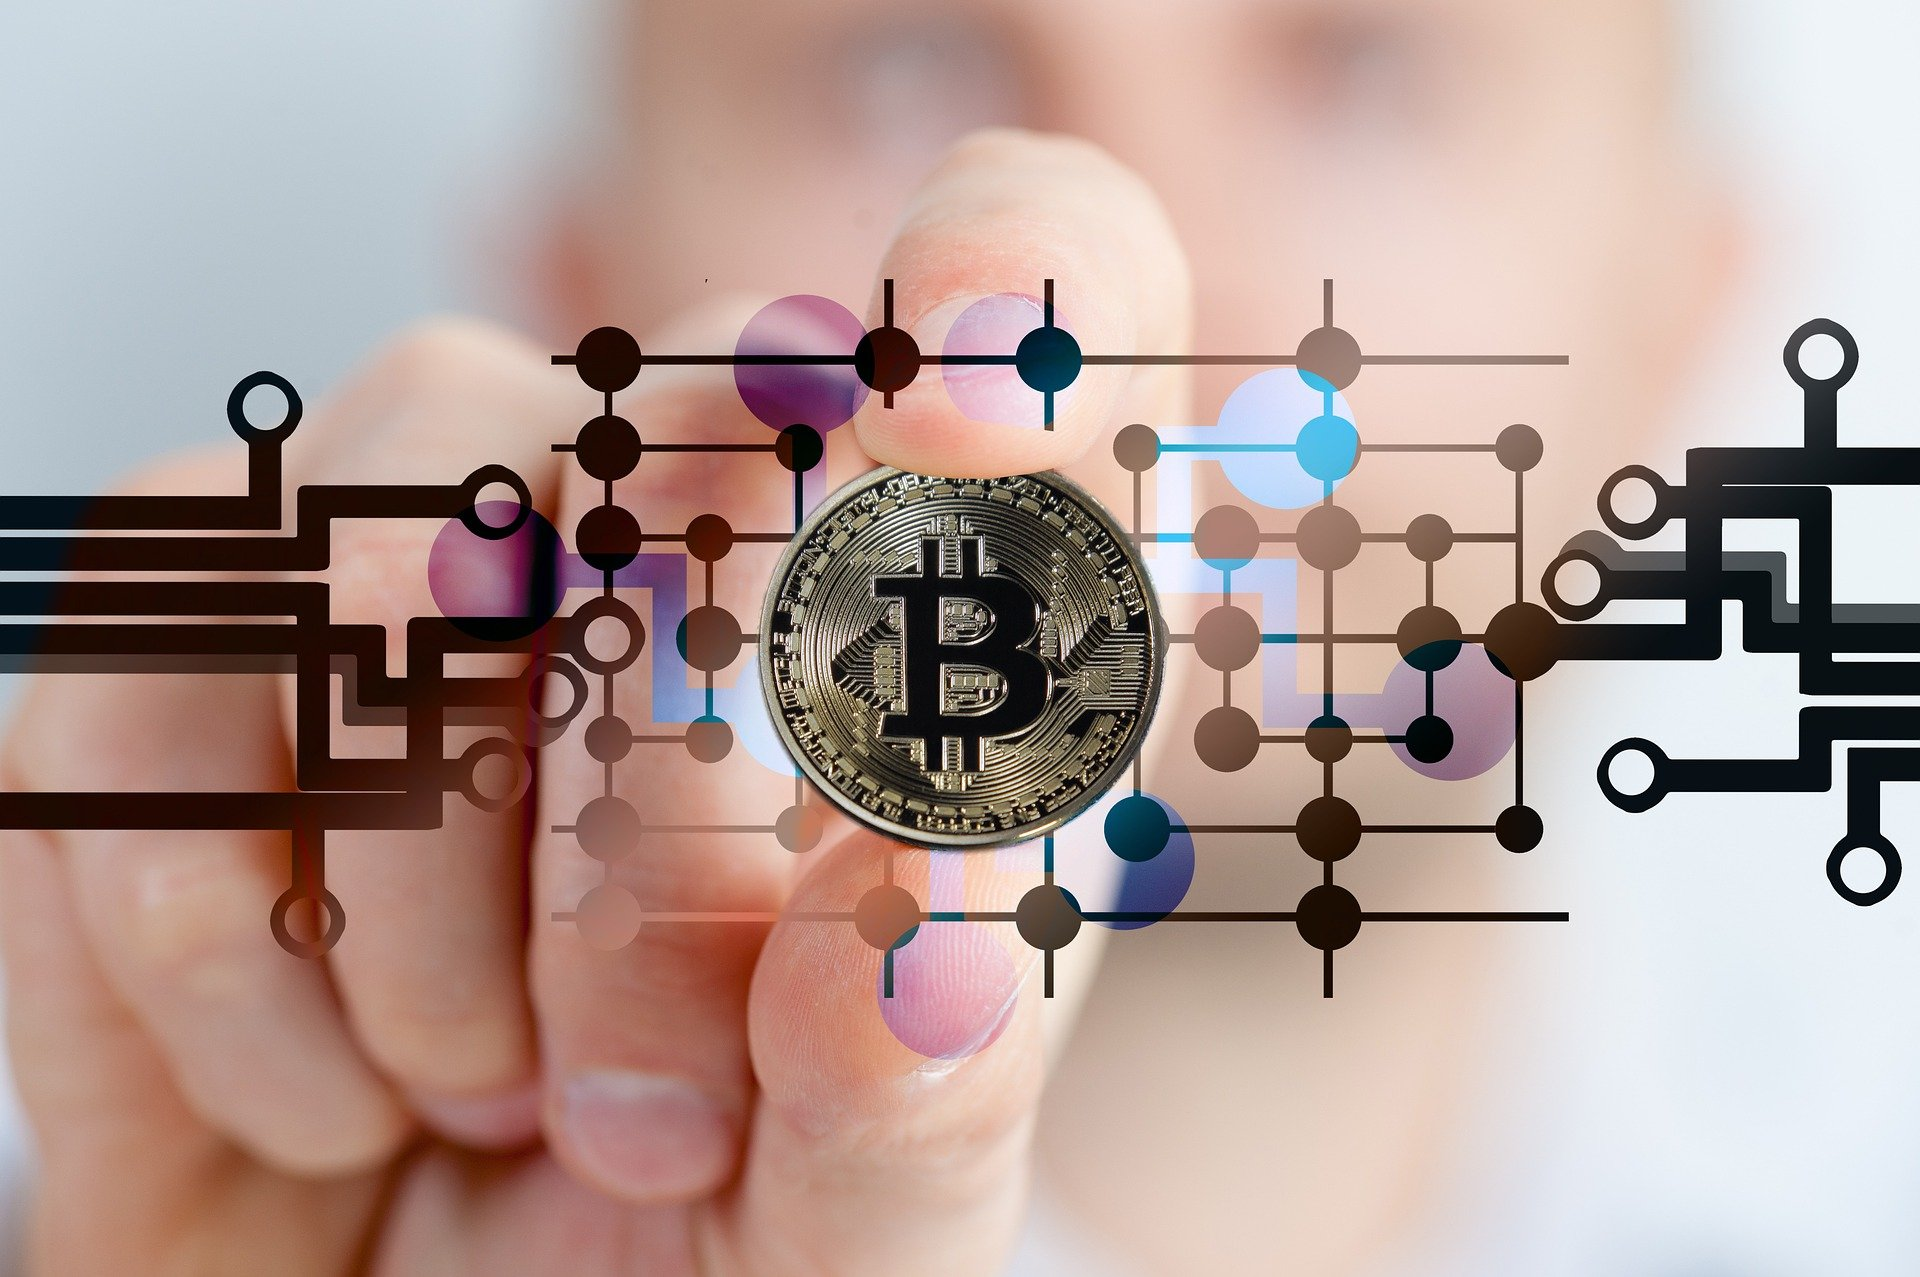 En décembre 2017, la crypto-monnaie la plus connue, Bitcoin, est passée de quelques centaines de dollars (le prix fluctuant un peu) à près de 18000. Ce boom a attiré l'attention de nombreux investisseurs et a...